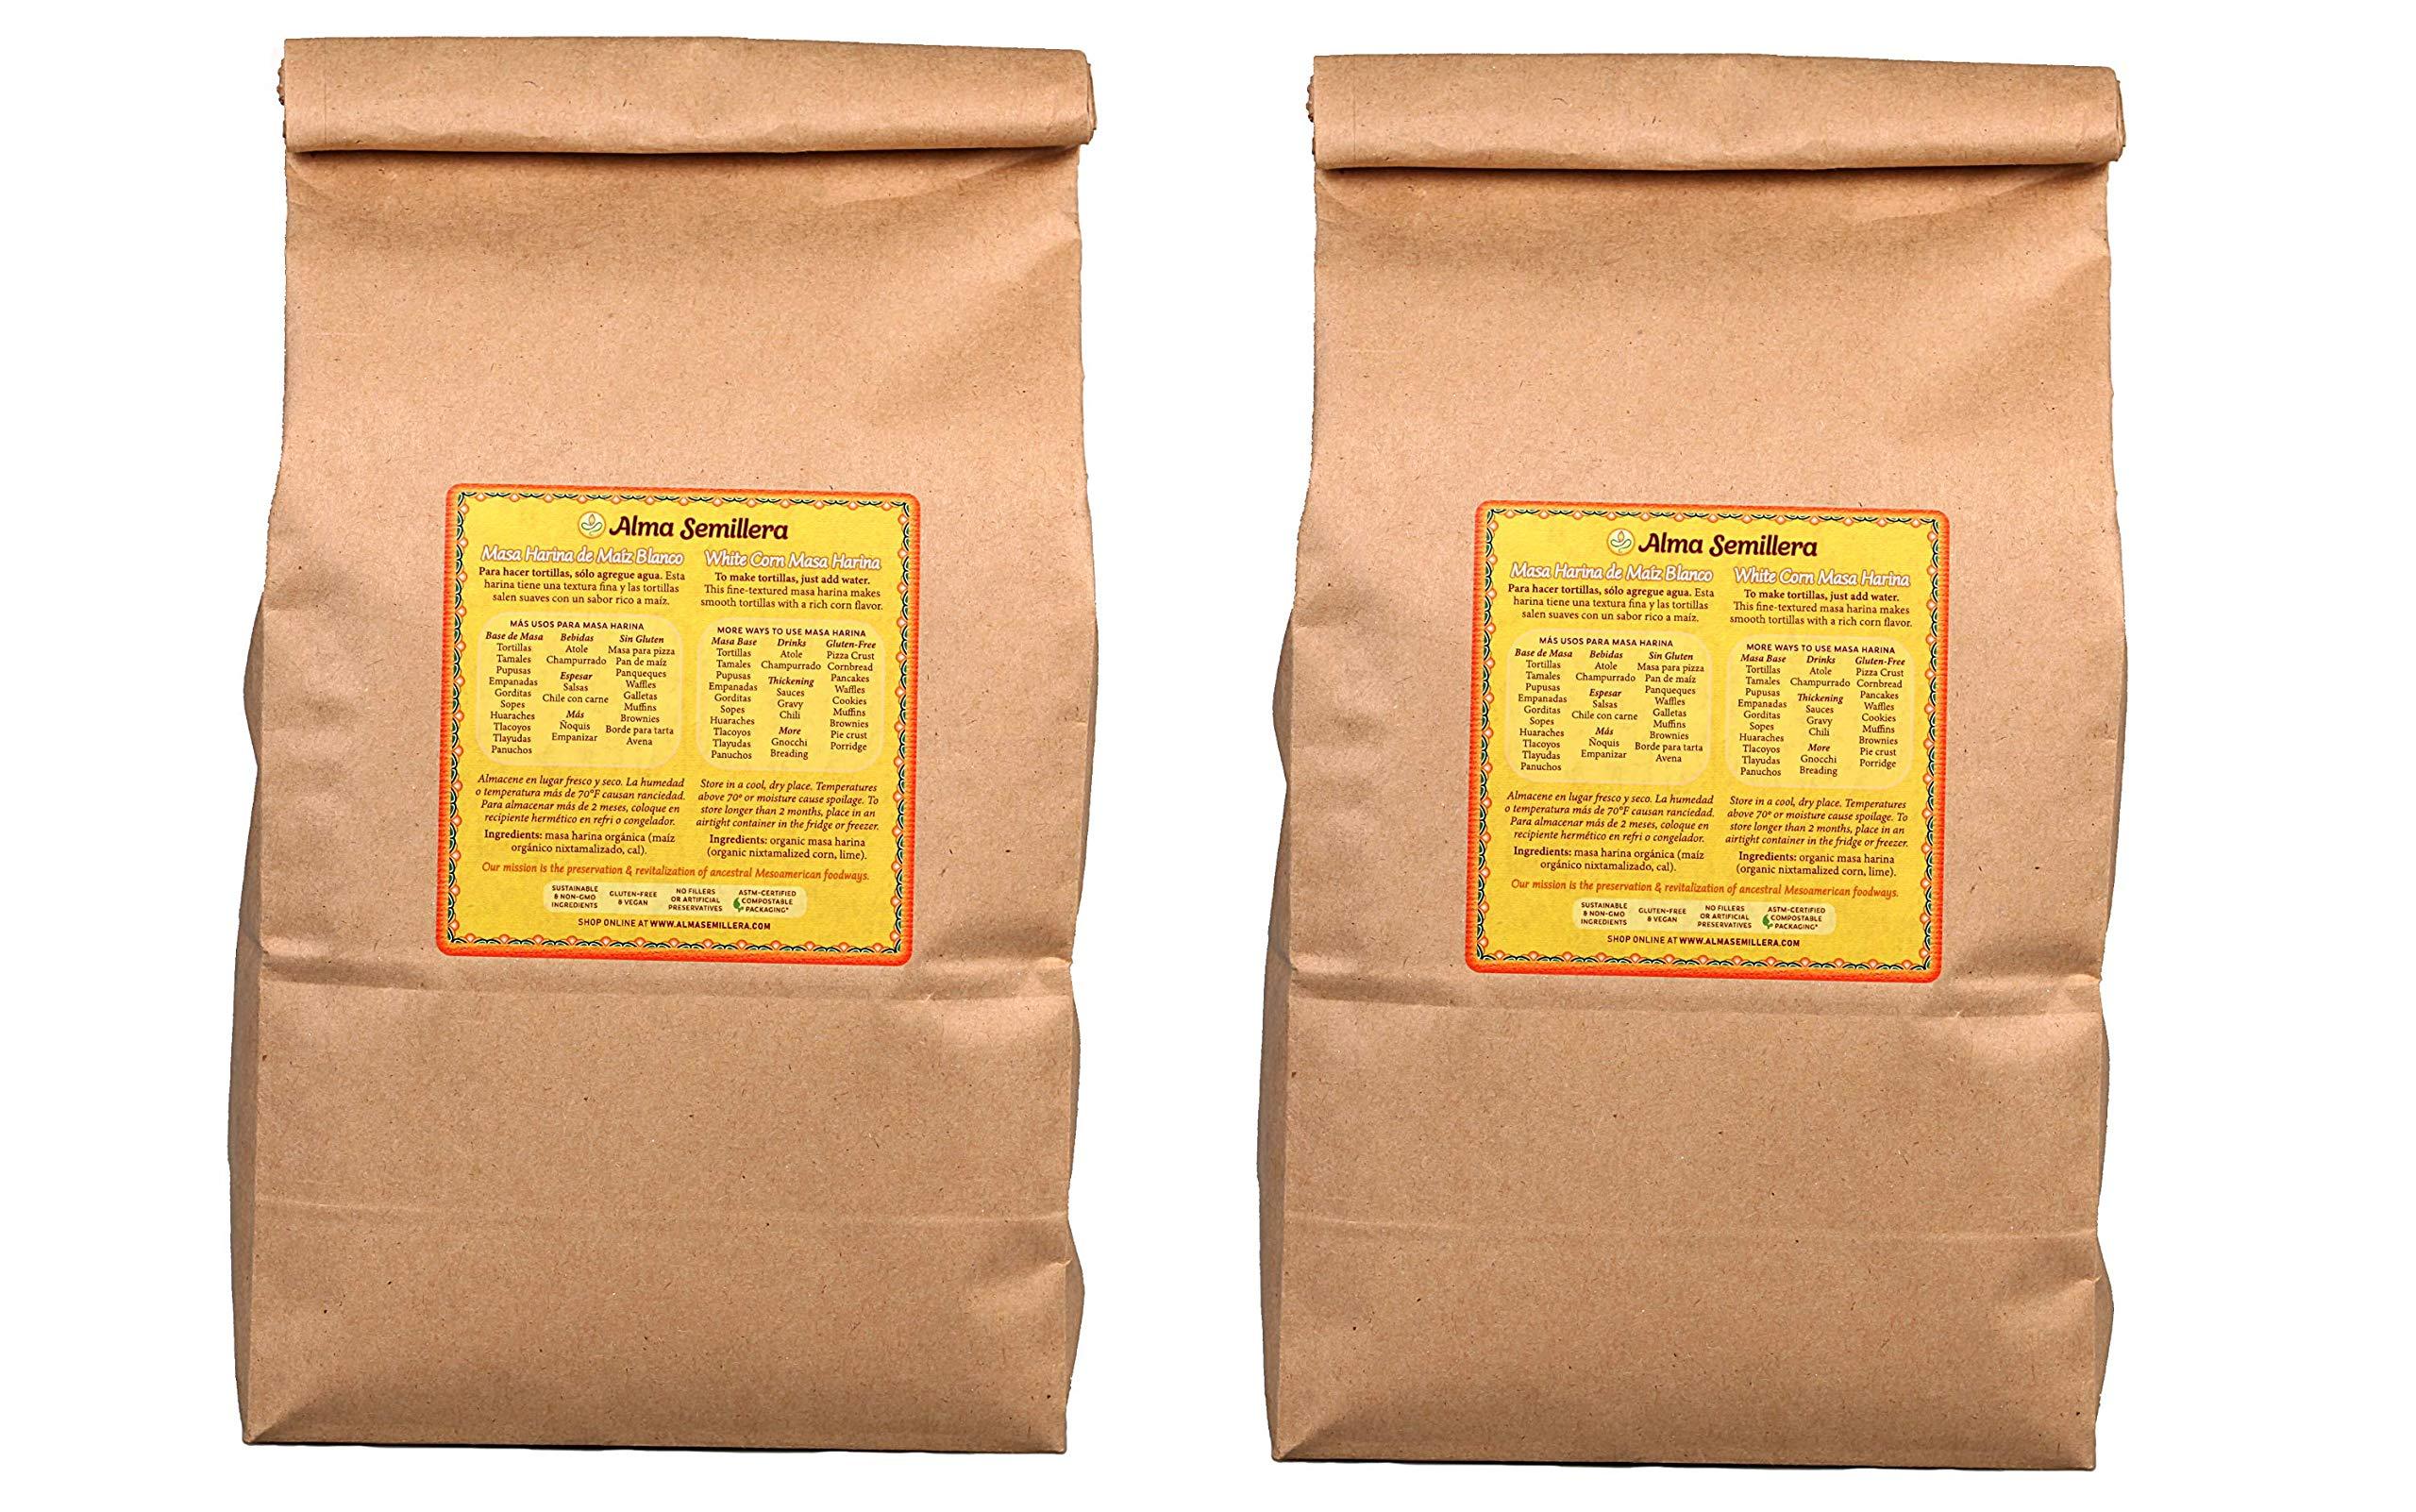 ALMA SEMILLERA White Corn Masa Harina - Non-GMO, Gluten Free, Vegan, Fine Texture (5lb - 2 Pack) by Alma Semillera